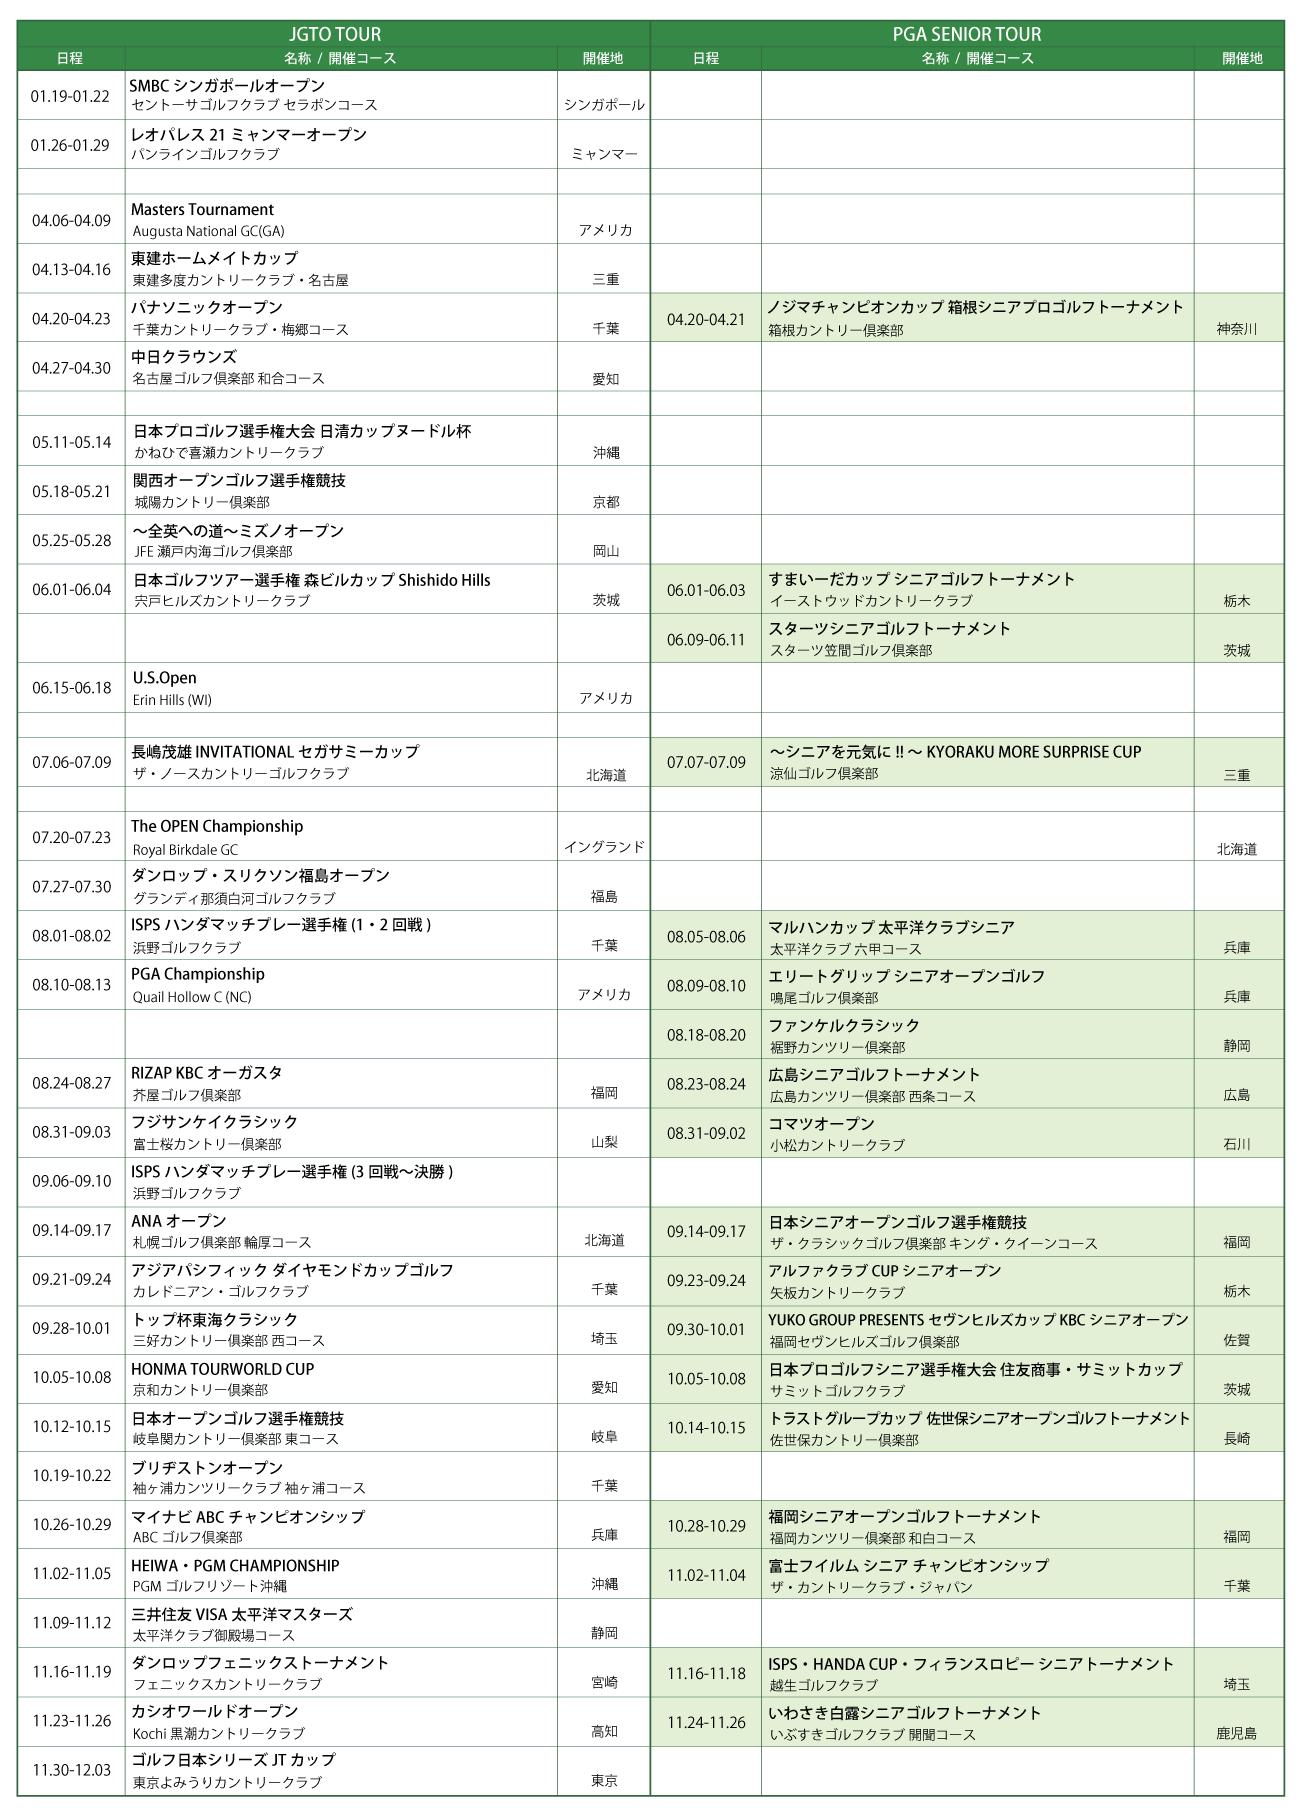 2017 トーナメントスケジュール